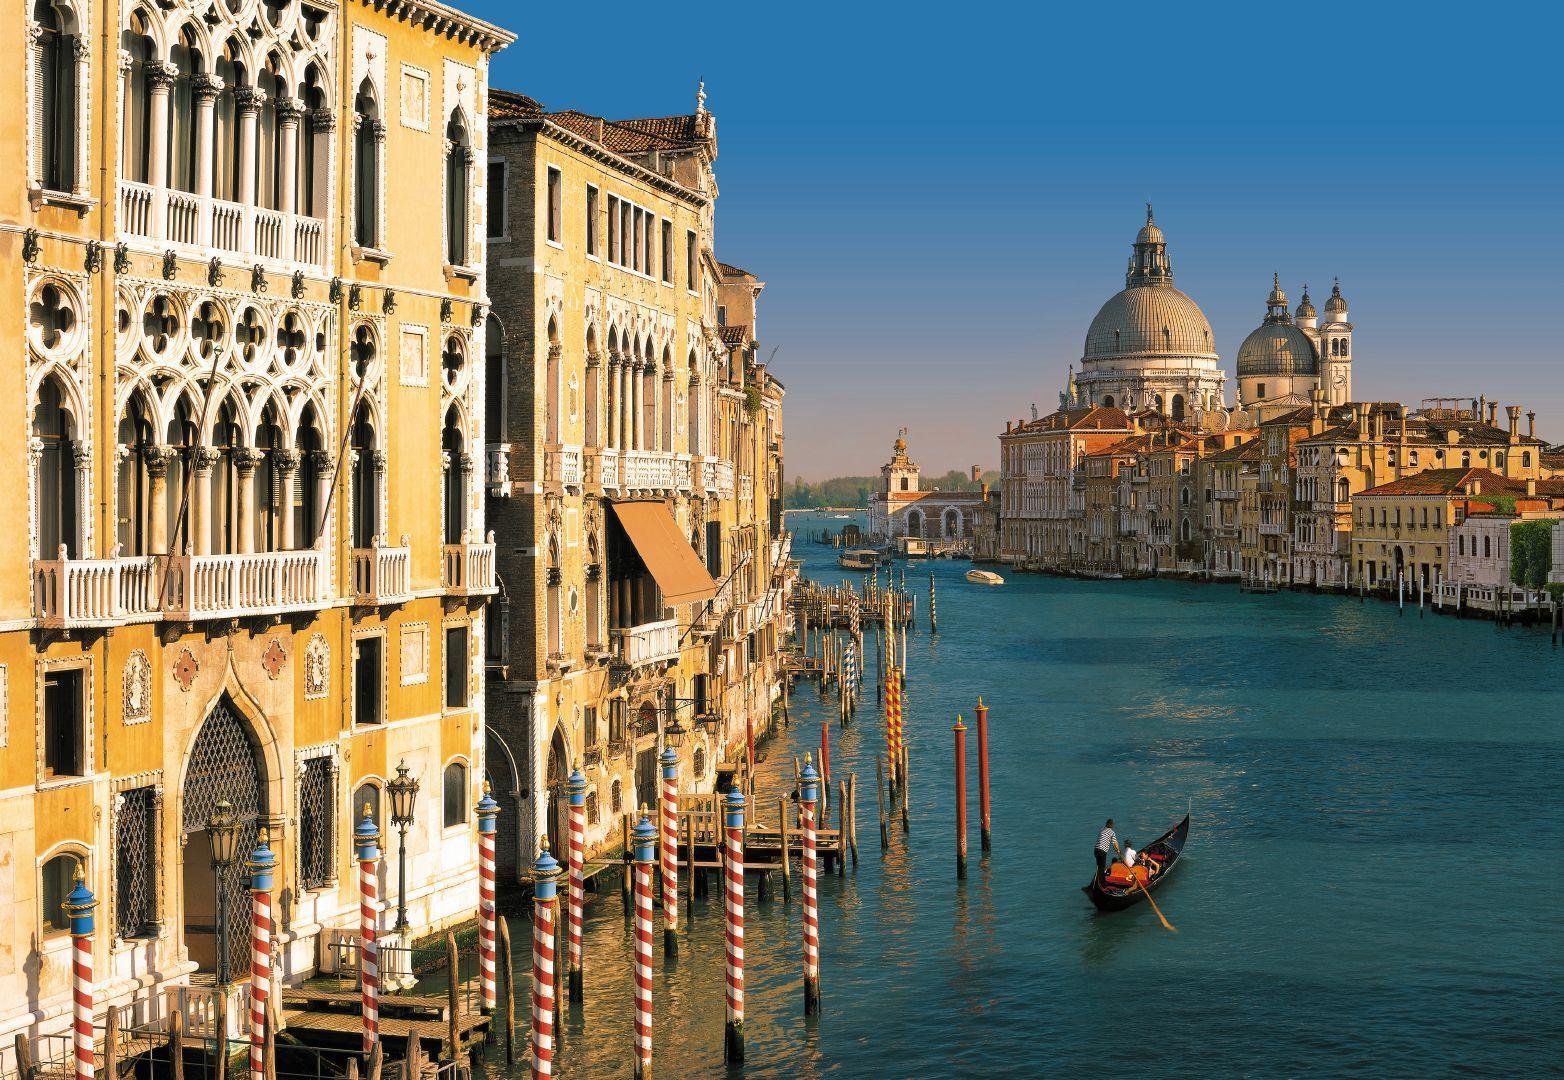 Previsioni meteo venezia atteso peggioramento nel week end meteo italia previsioni del tempo - Previsioni mercato immobiliare lungo termine ...